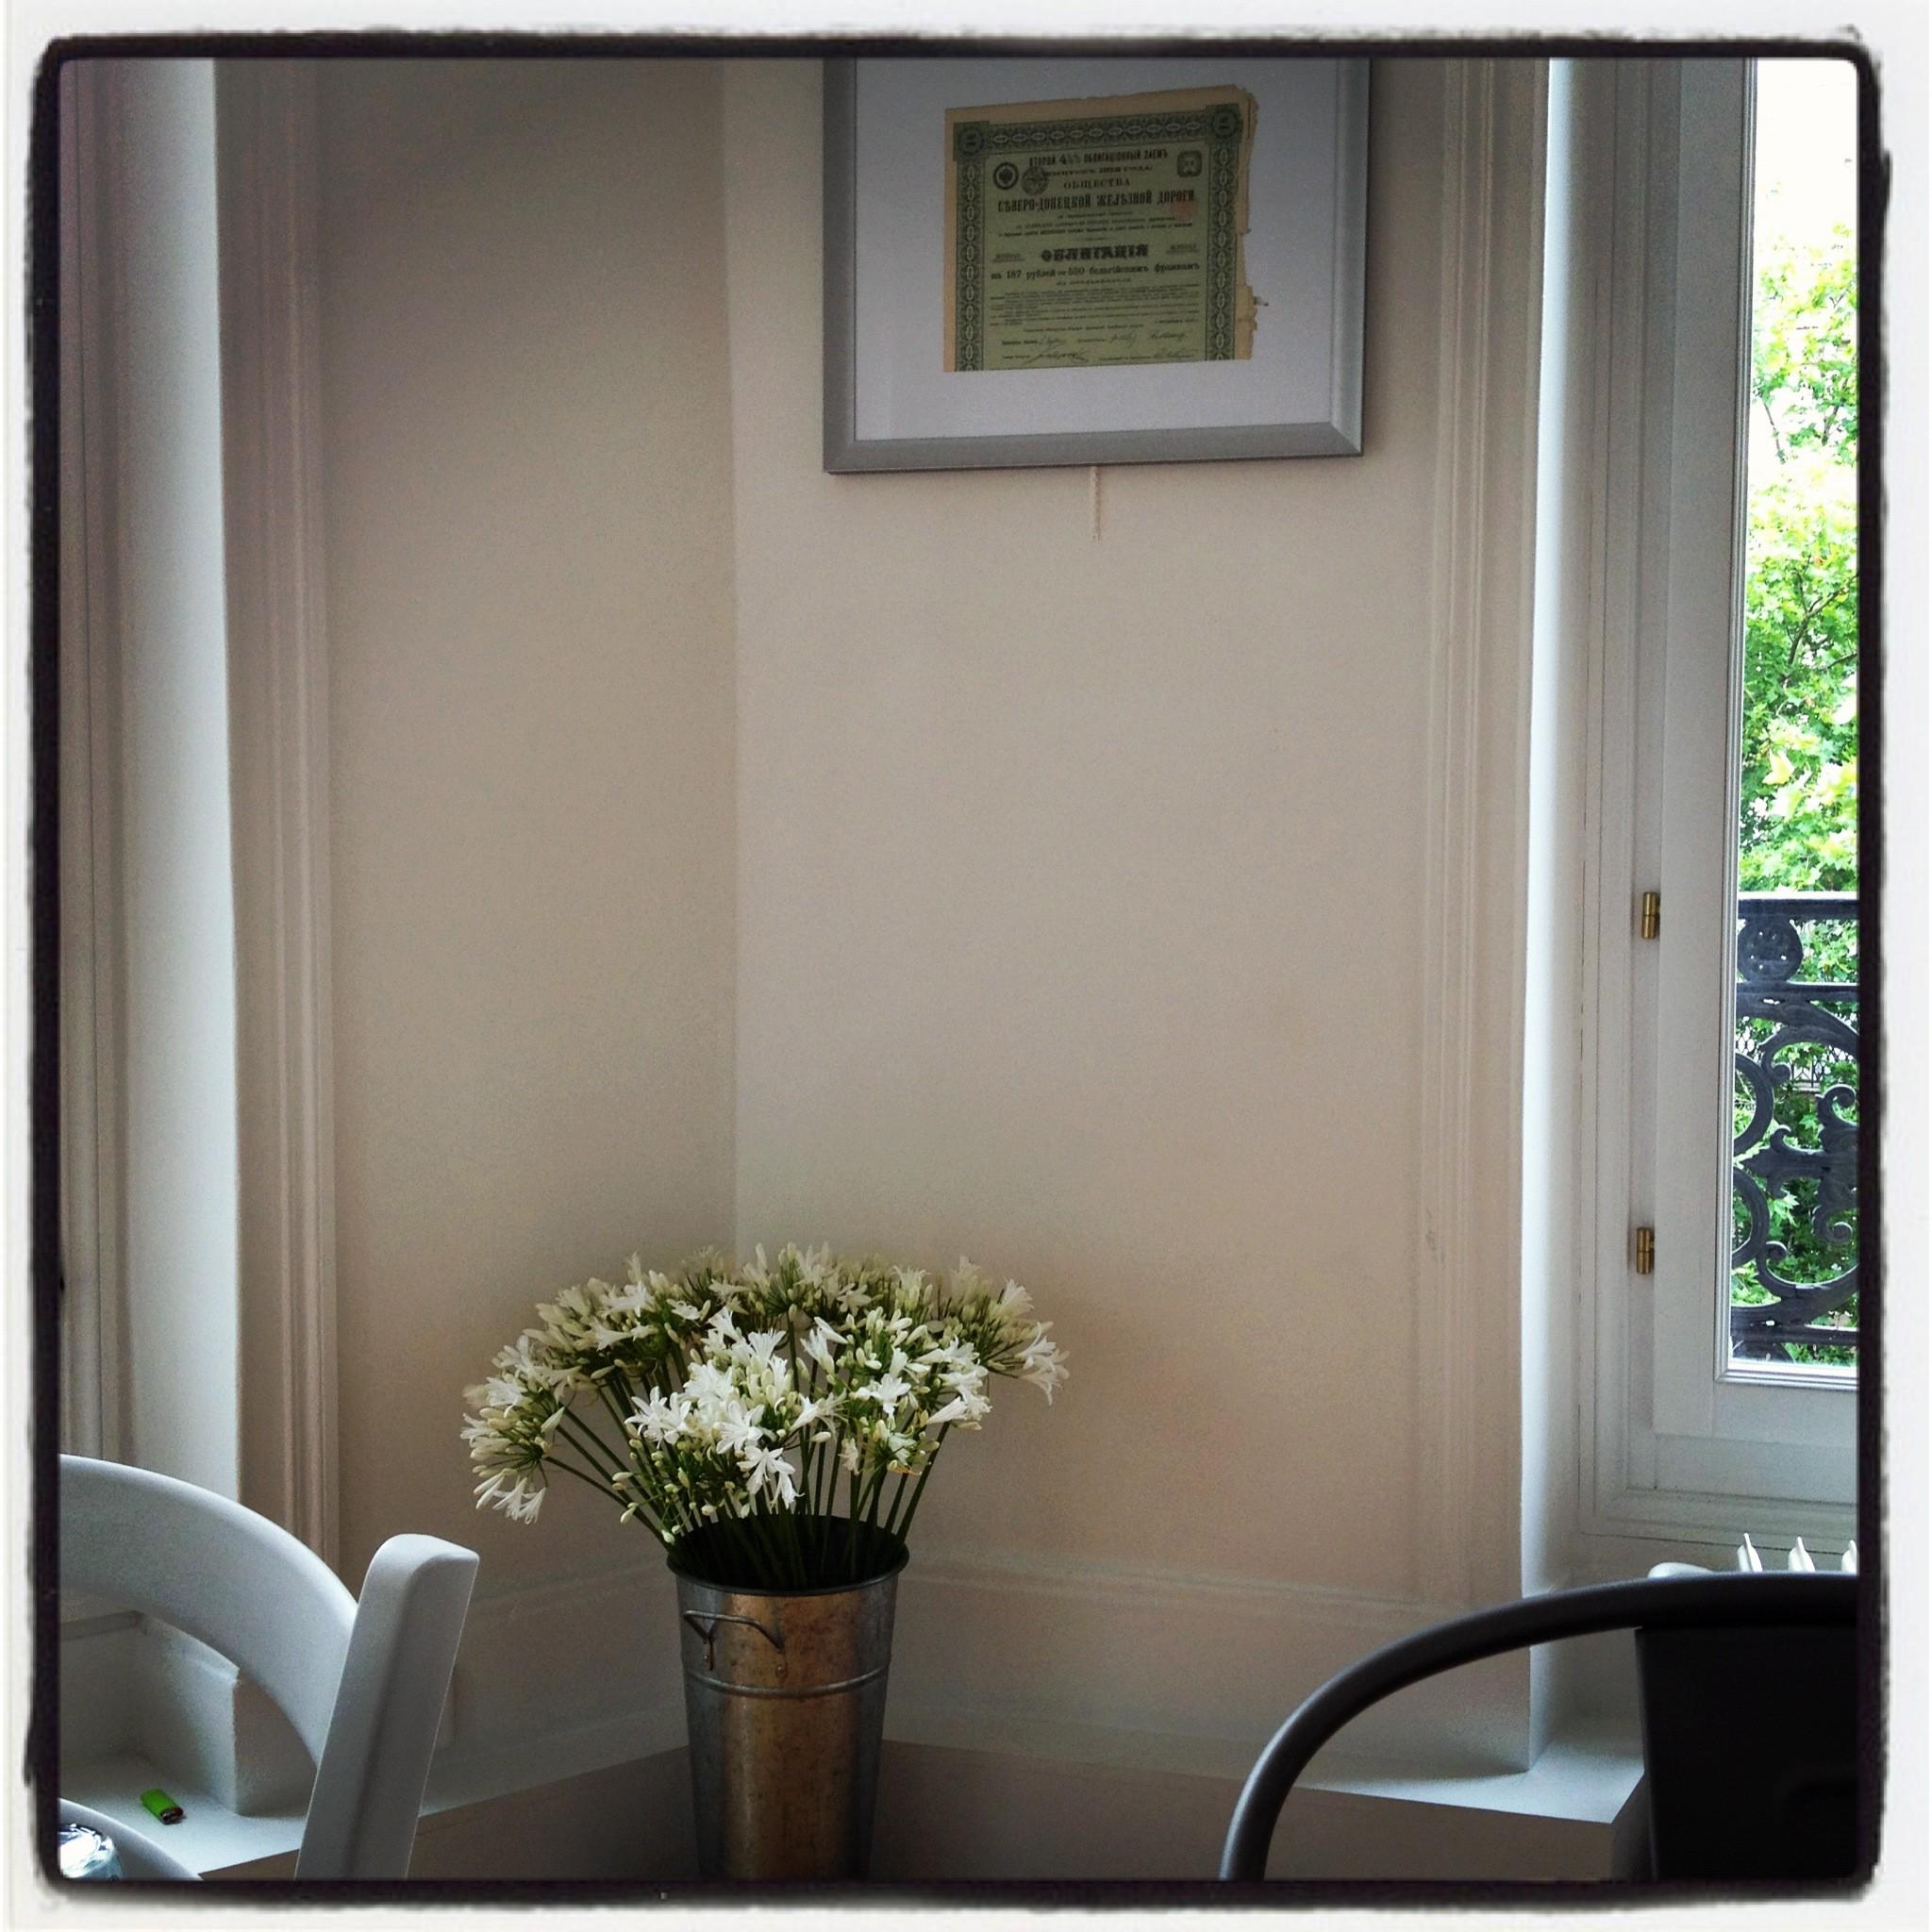 Une semaine des images 22 blog enfin moi mode lifestyle bo - Amenagement balcon appartement ...